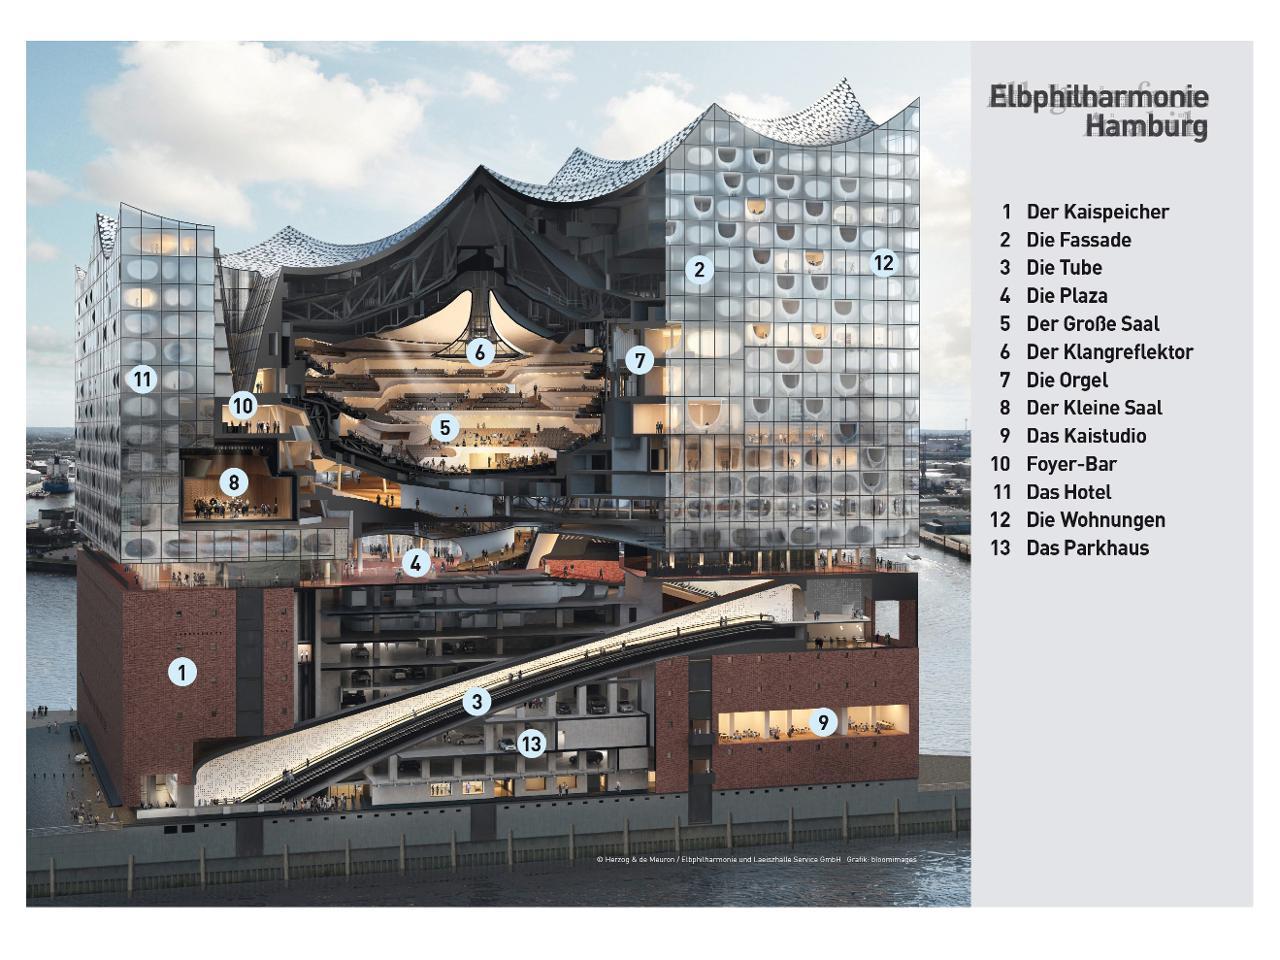 ... Großer Saal der Elbphilharmonie Hamburg: Maxim ...